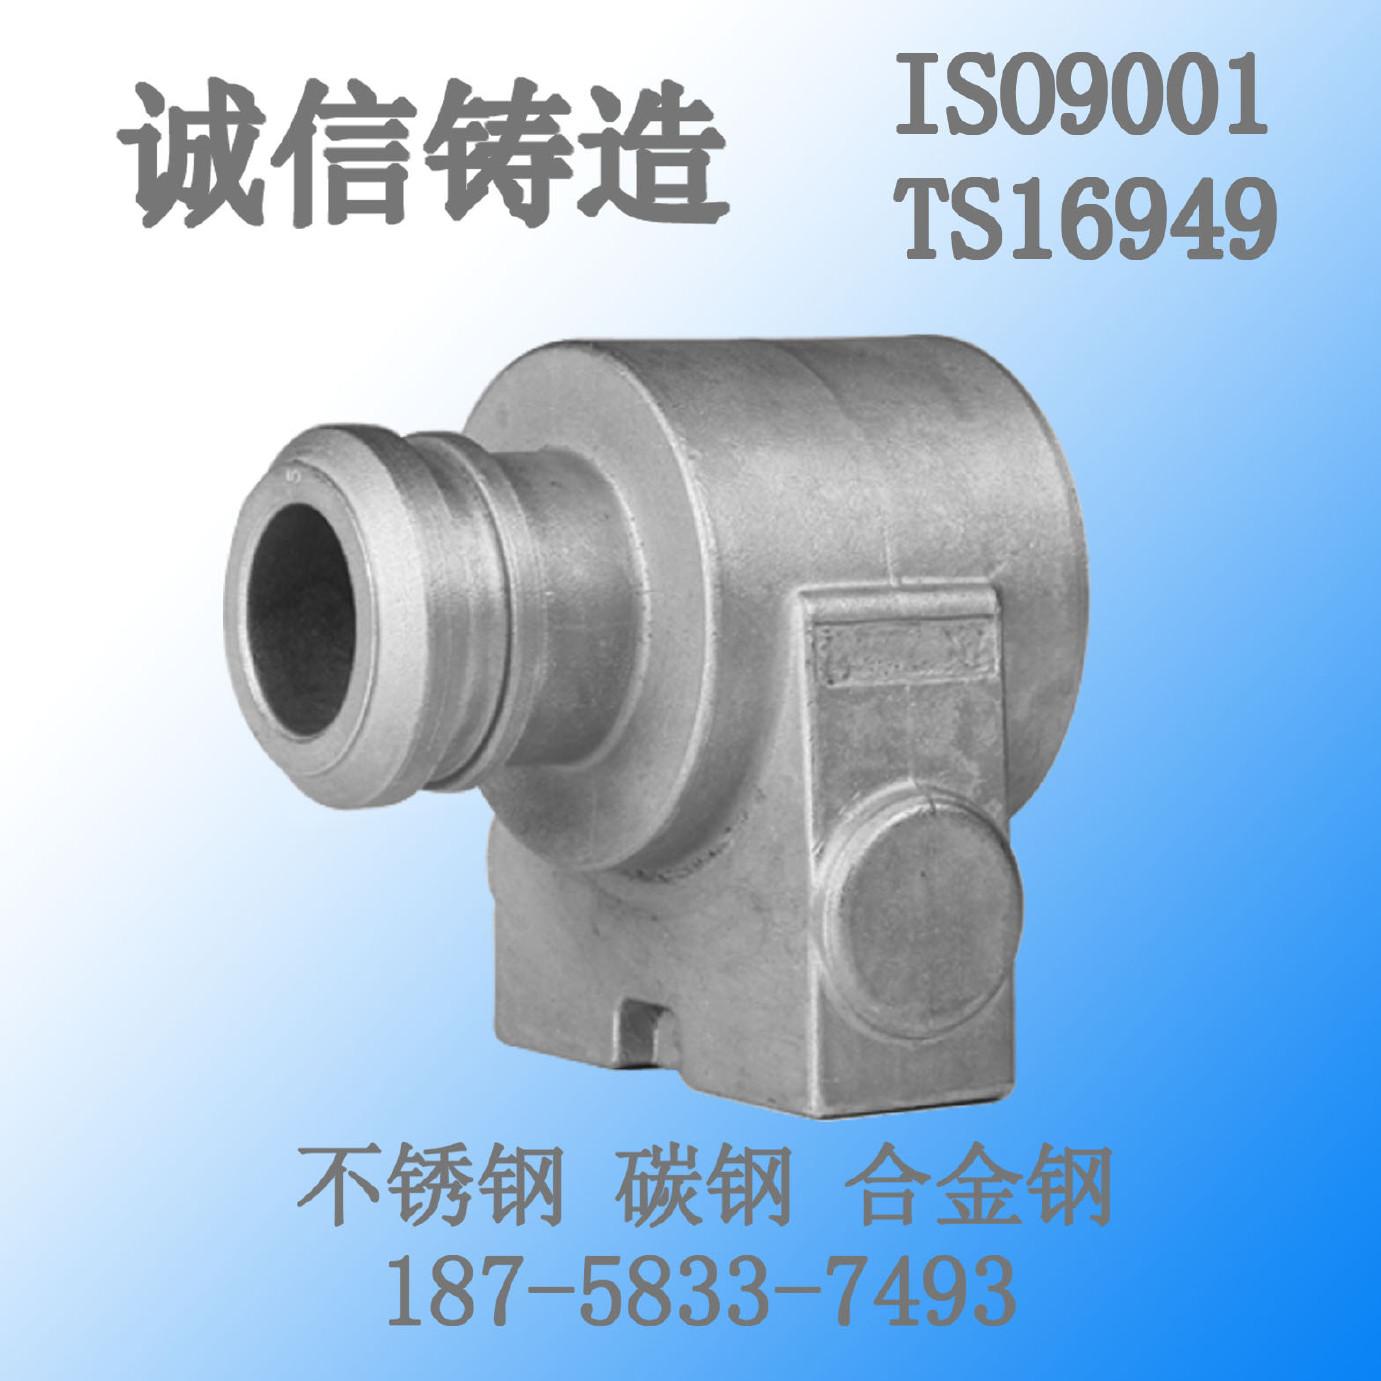 440 碳鋼1.0401 脫蠟鑄造 調節閥閥體不銹鋼配件 硅溶膠鑄造公司